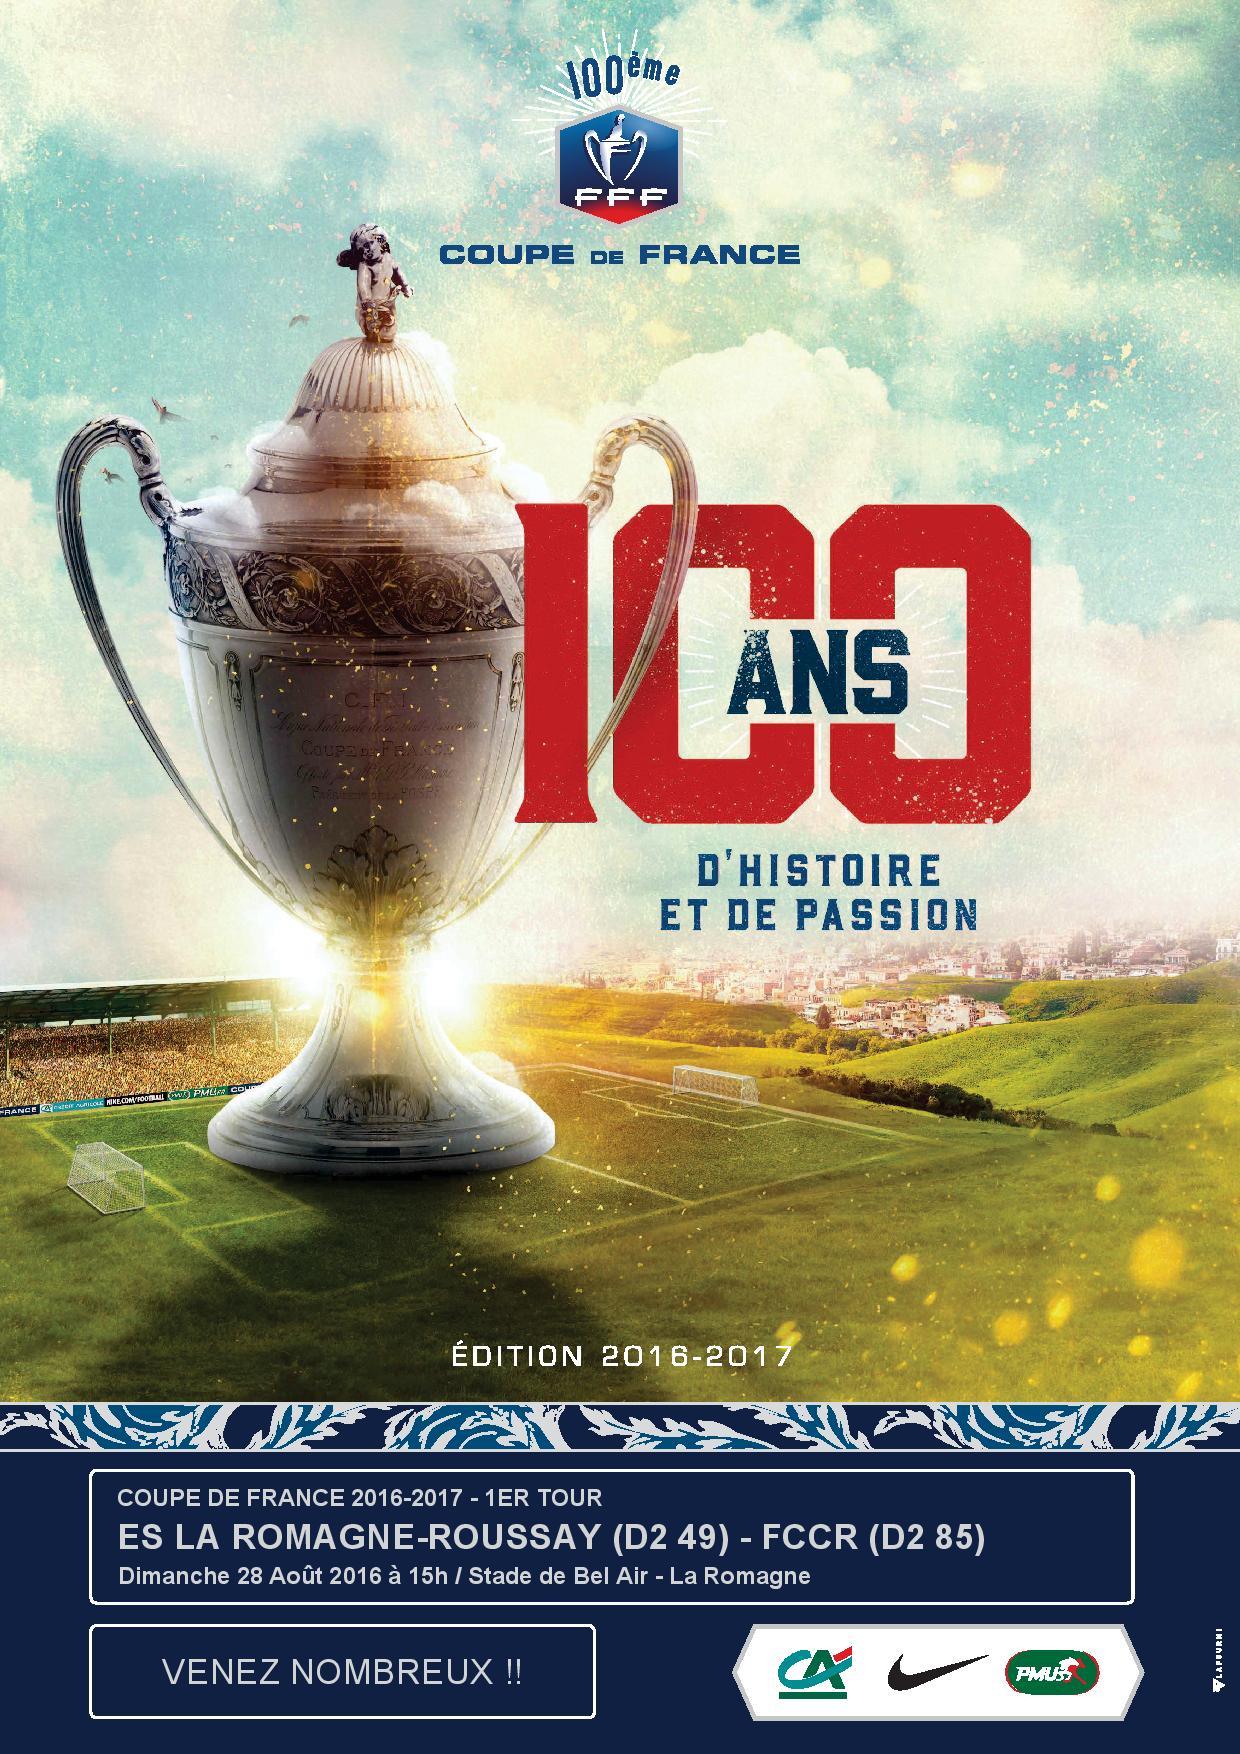 Coupe de france 2016 2017 fccr - Coupe de france 1er tour ...